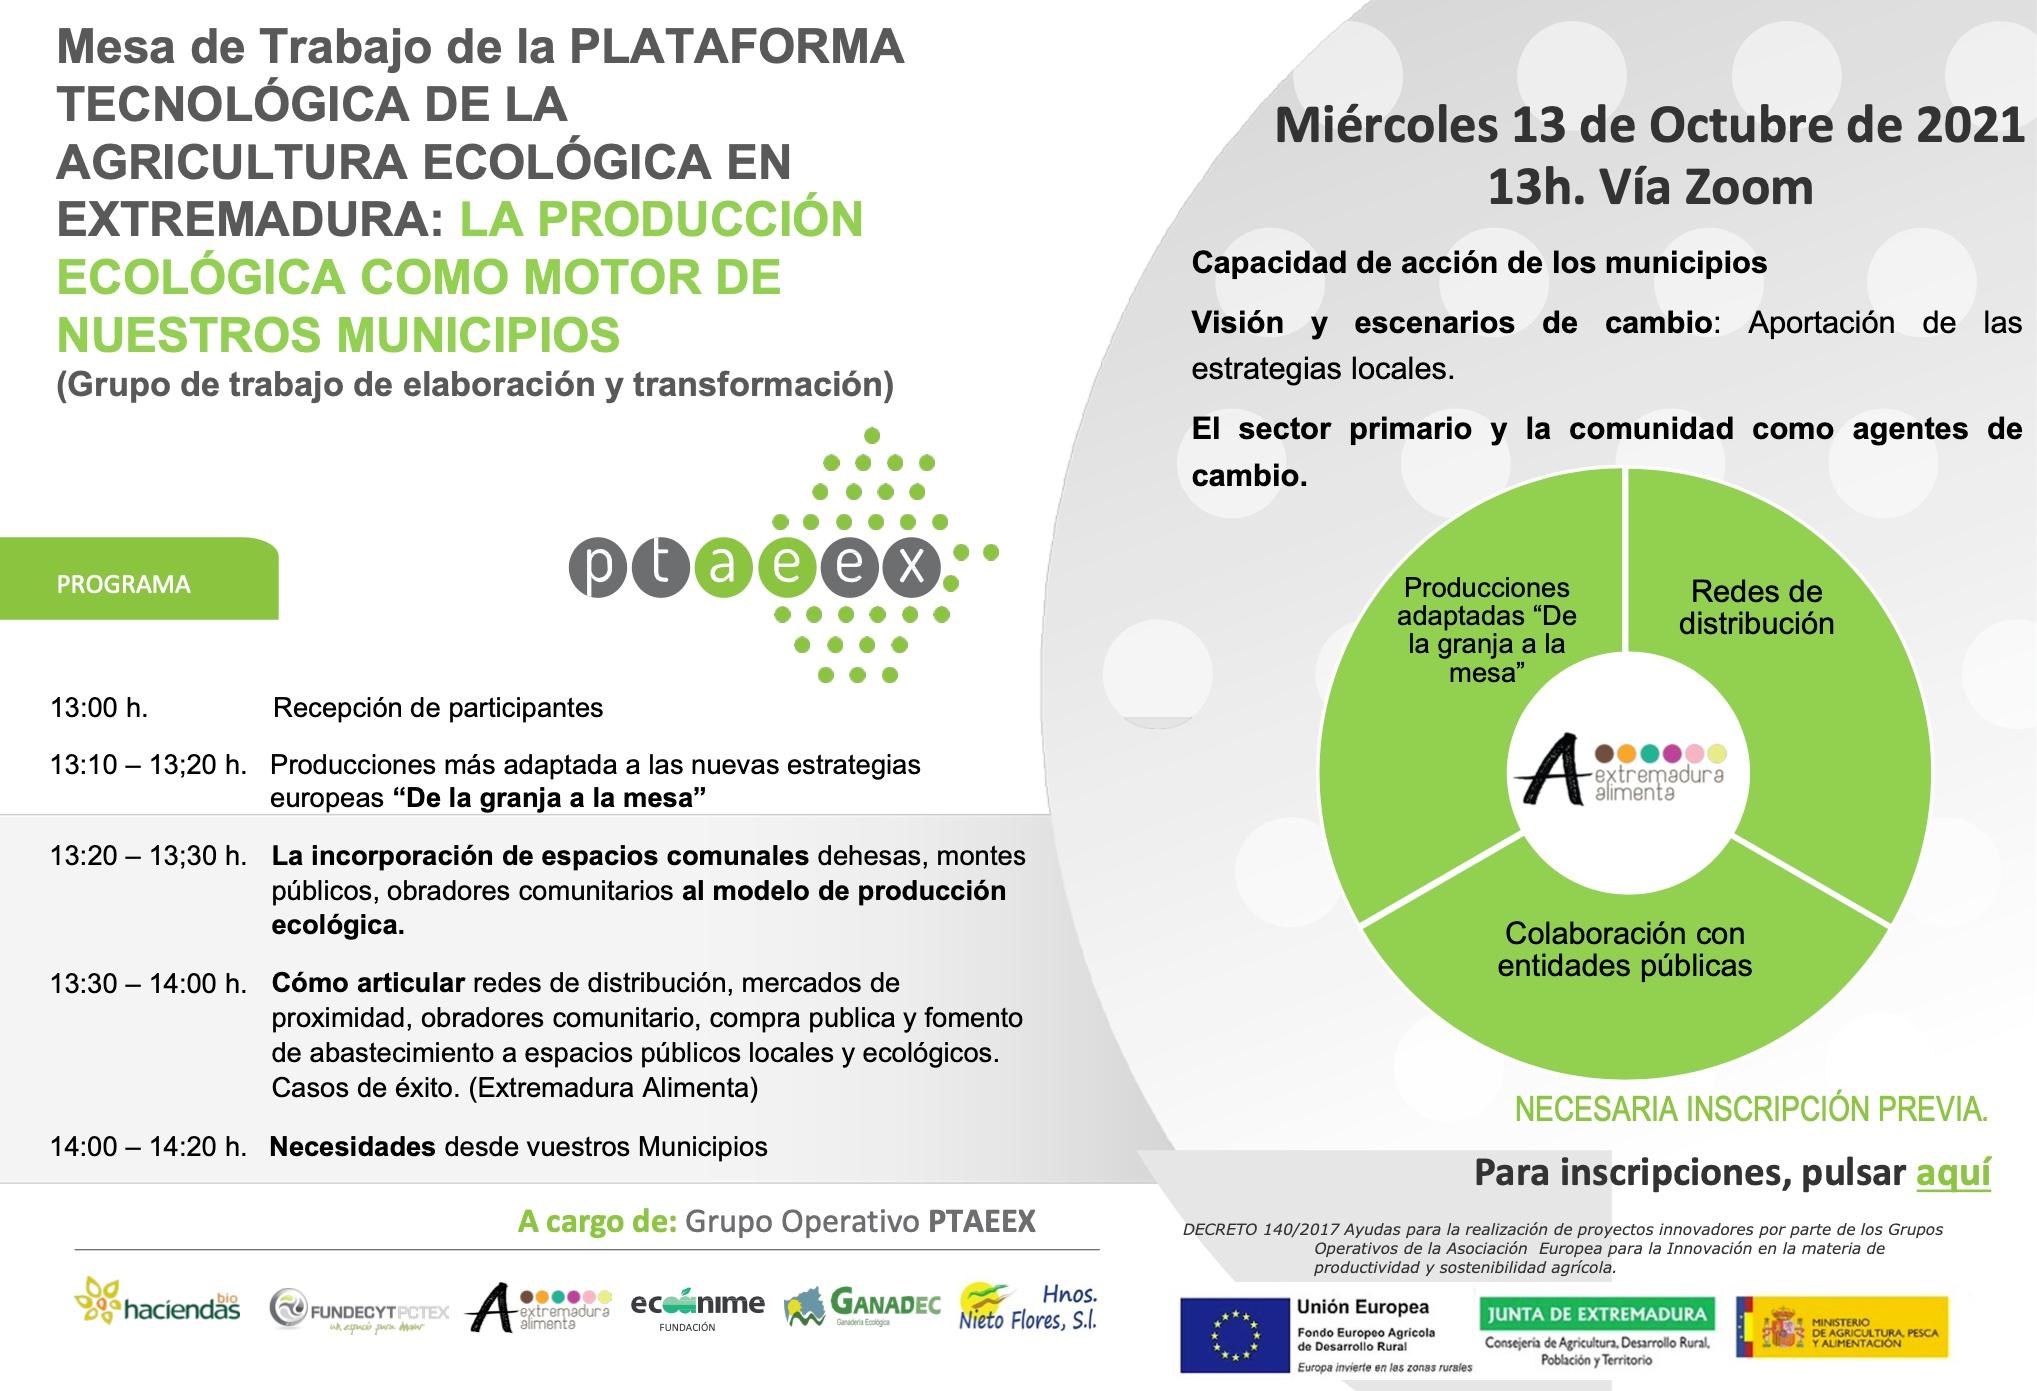 Mesa de Trabajo de la PLATAFORMA TECNOLÓGICA DE LA AGRICULTURA ECOLÓGICA EN EXTREMADURA: LA PRODUCCIÓN ECOLÓGICA COMO MOTOR DE NUESTROS MUNICIPIOS